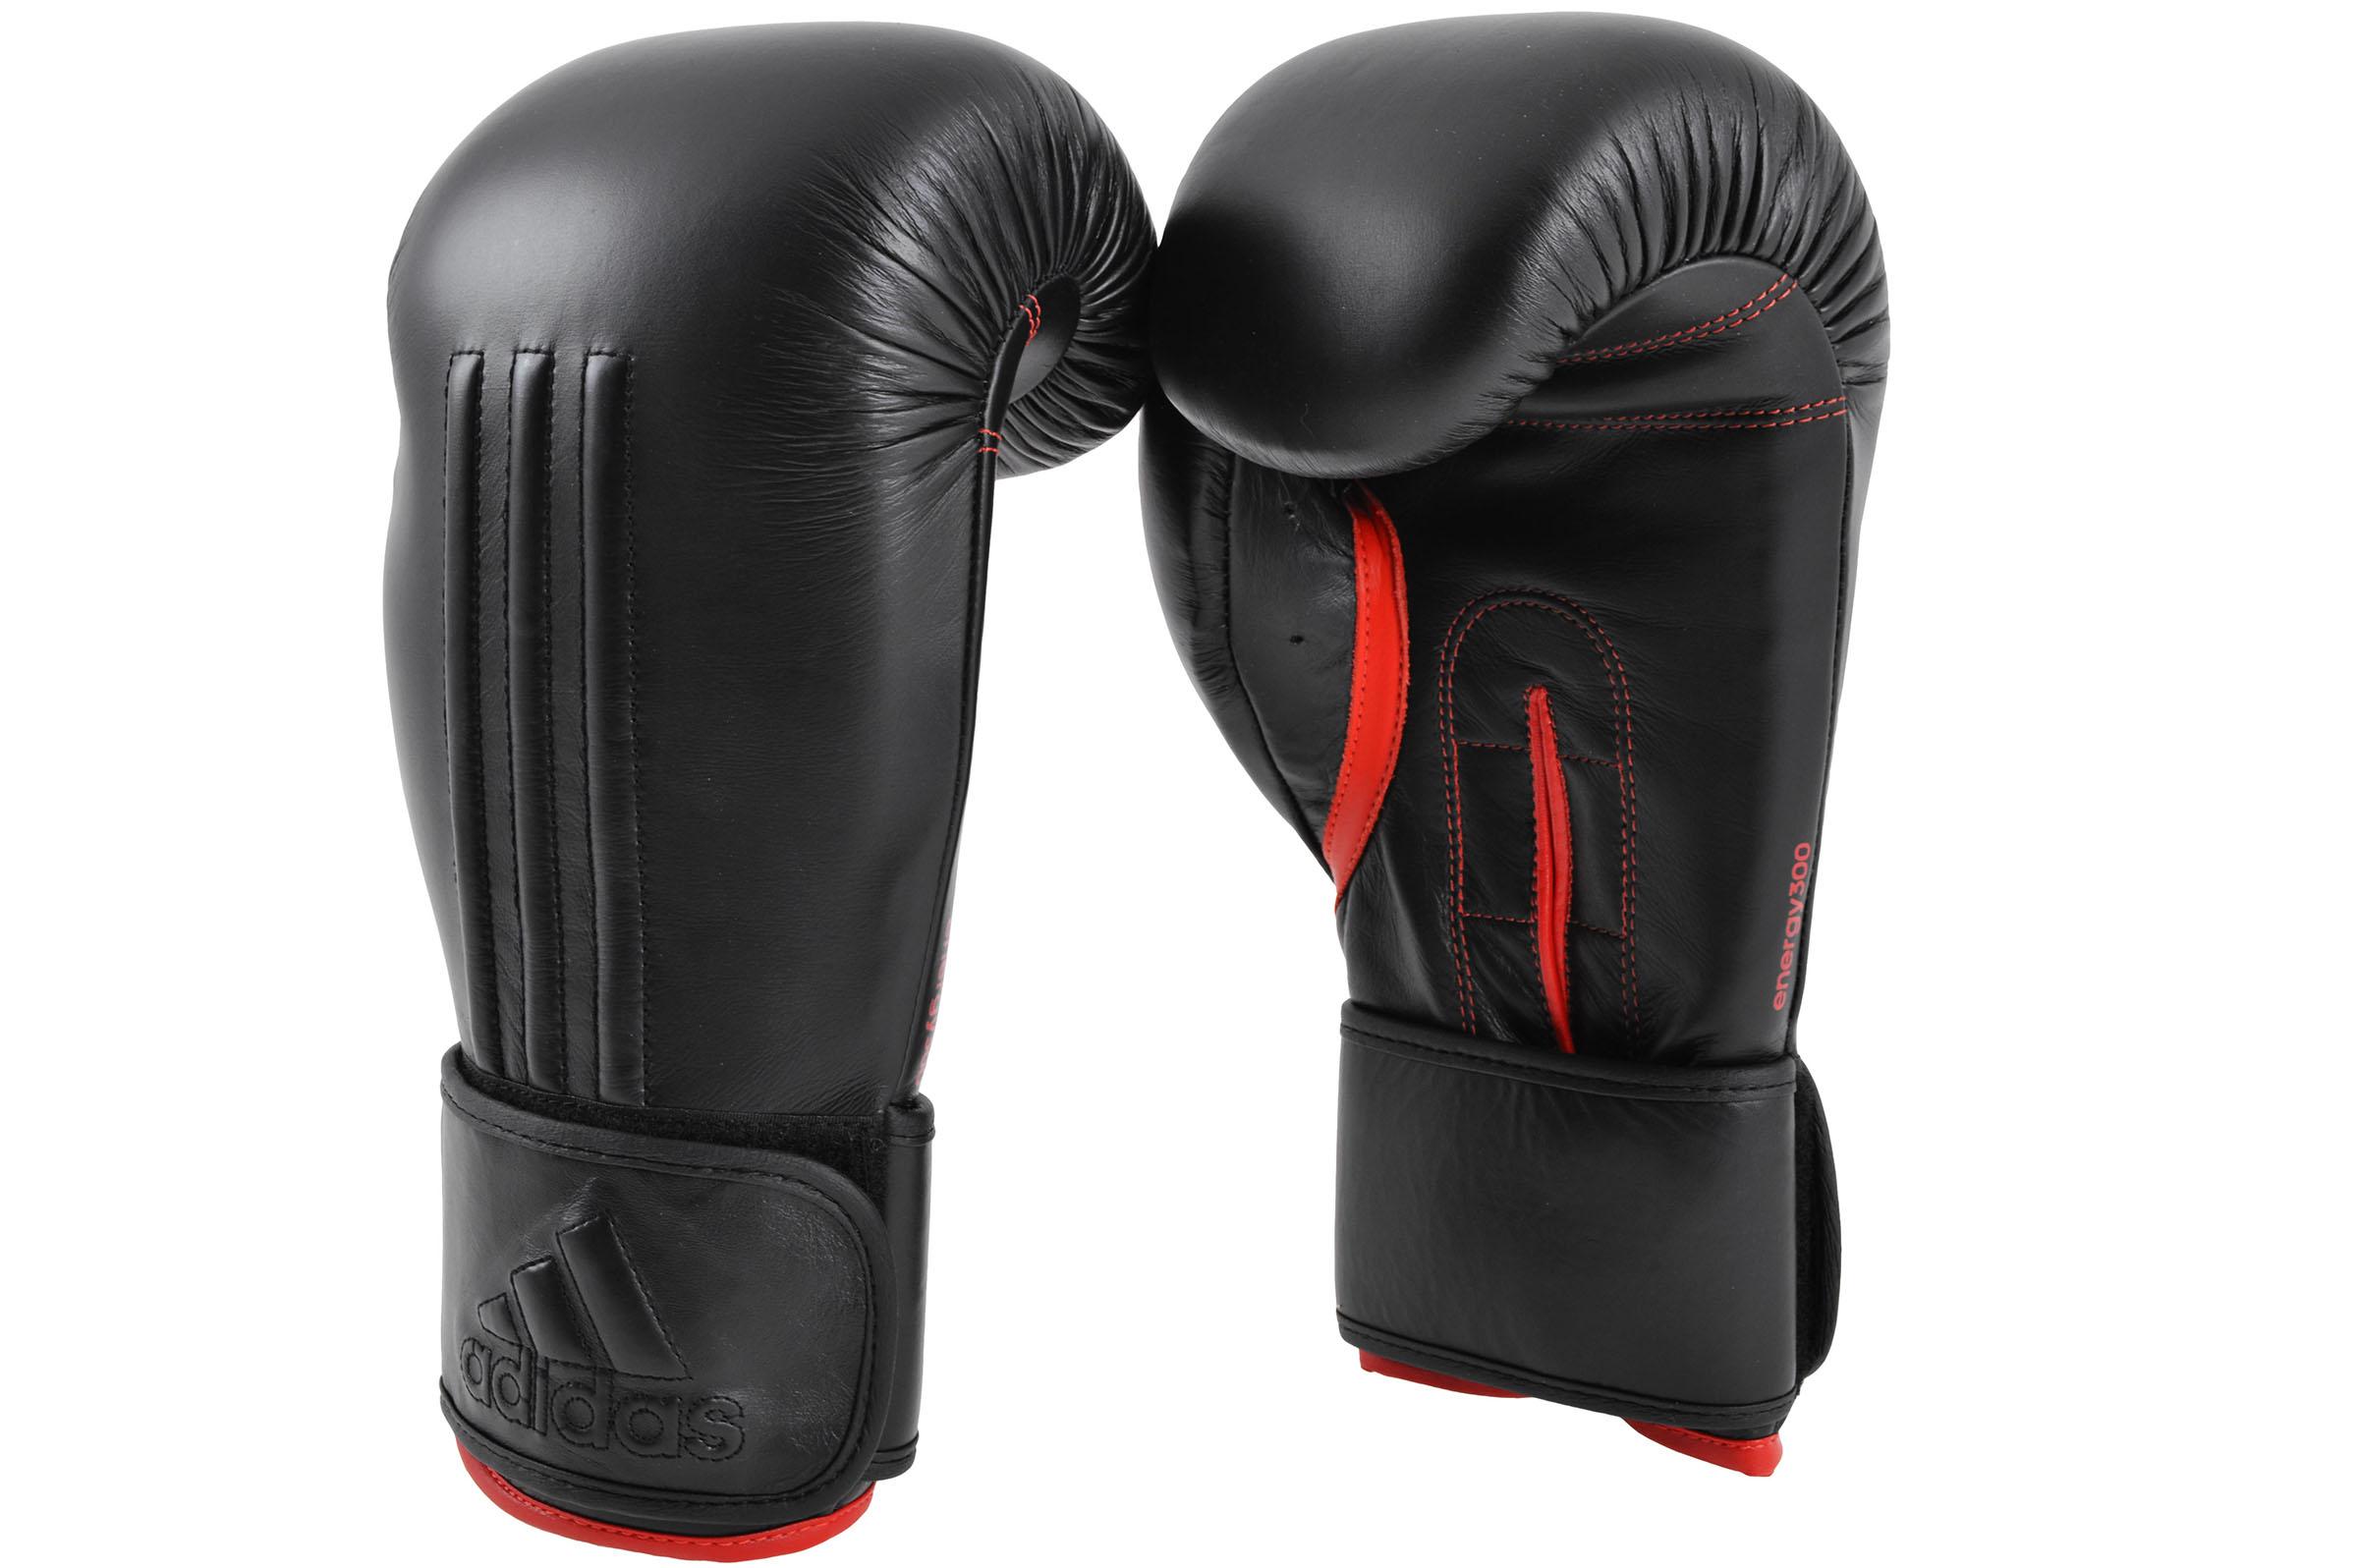 [Fin de série] Gants de boxe, Cuir, Pro ADIEBG300, Adidas